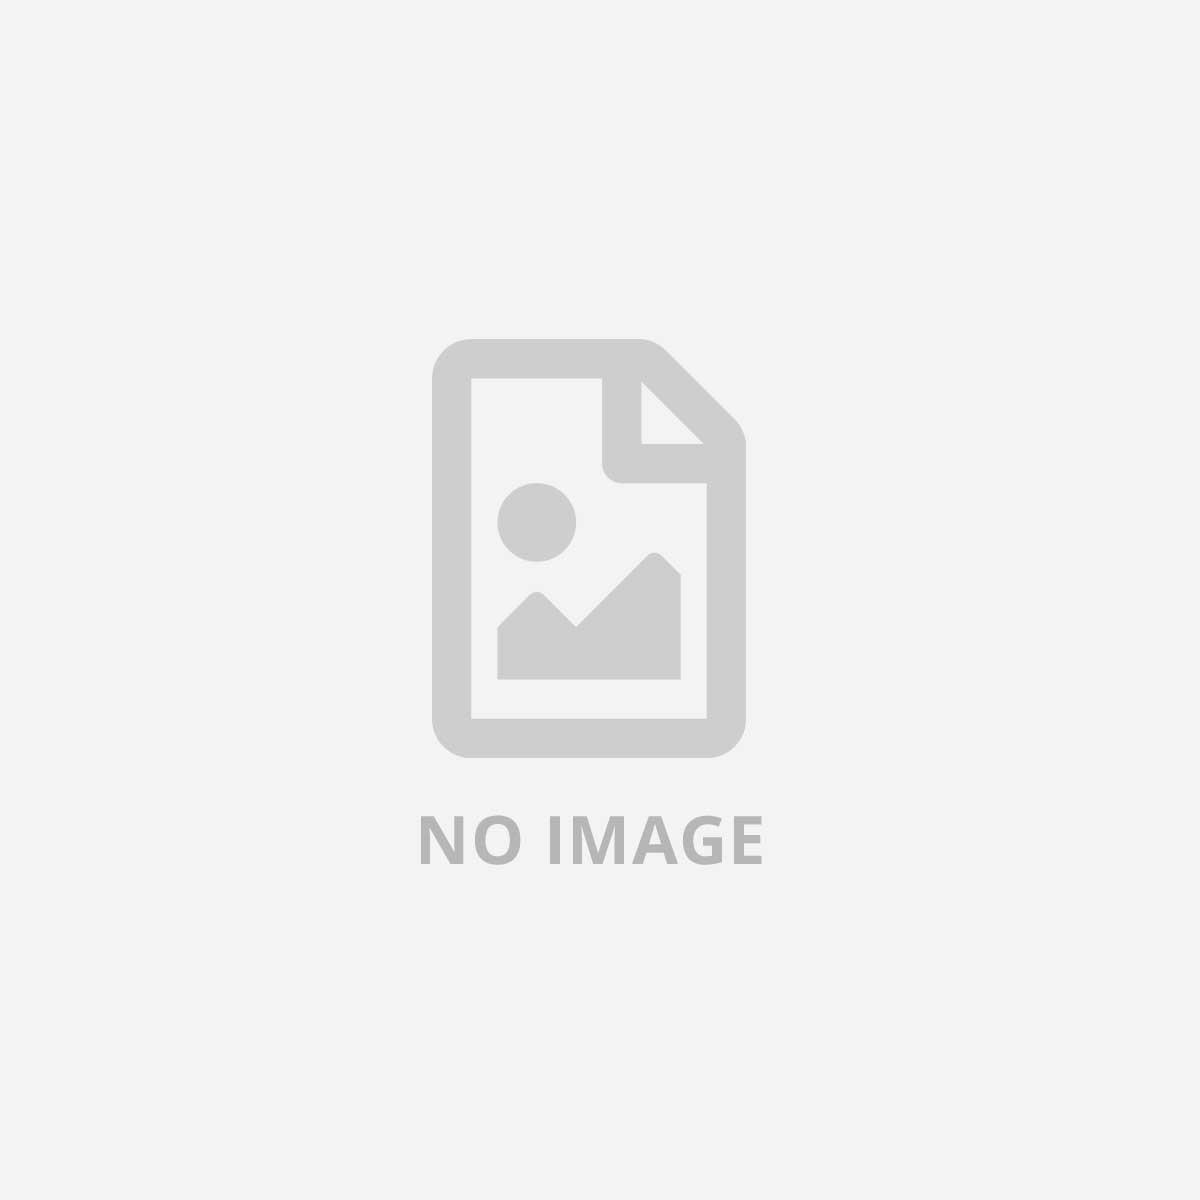 DELL AC ADAPTER E5 30W USB-C - ITL